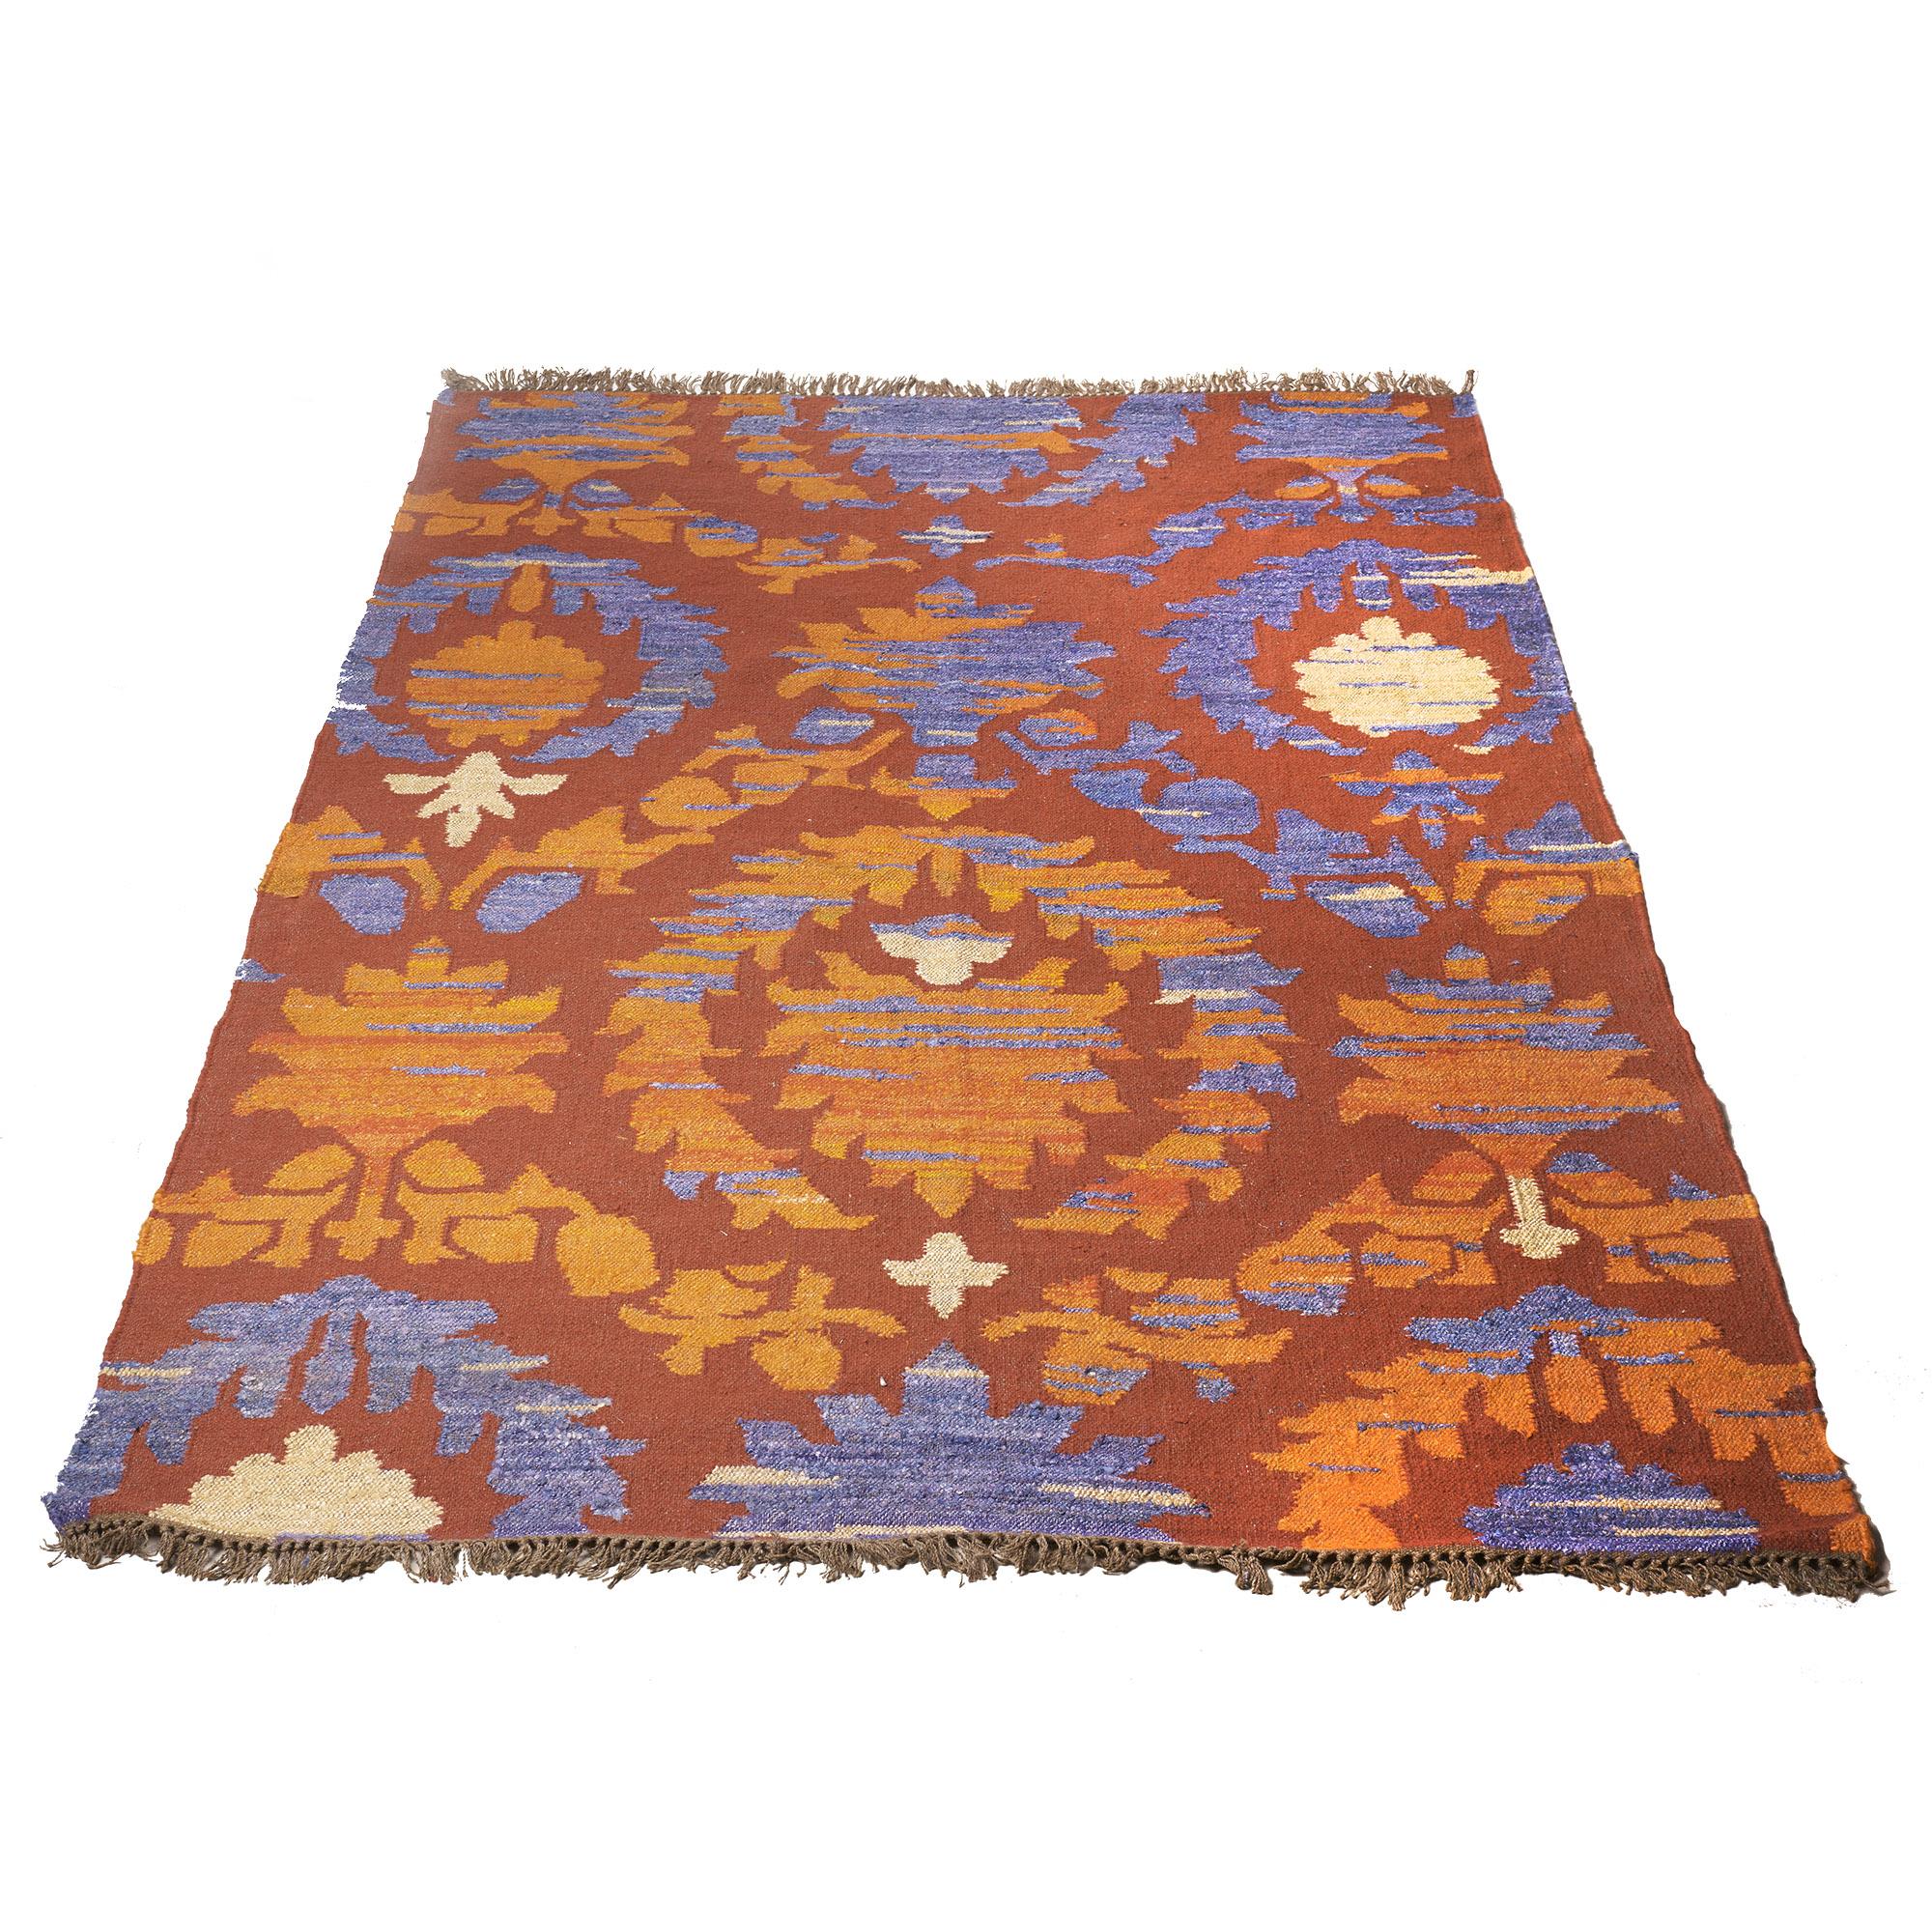 Alfombra de lana y seda, rojo, naranja, y violeta 2.00 x 3.00 m